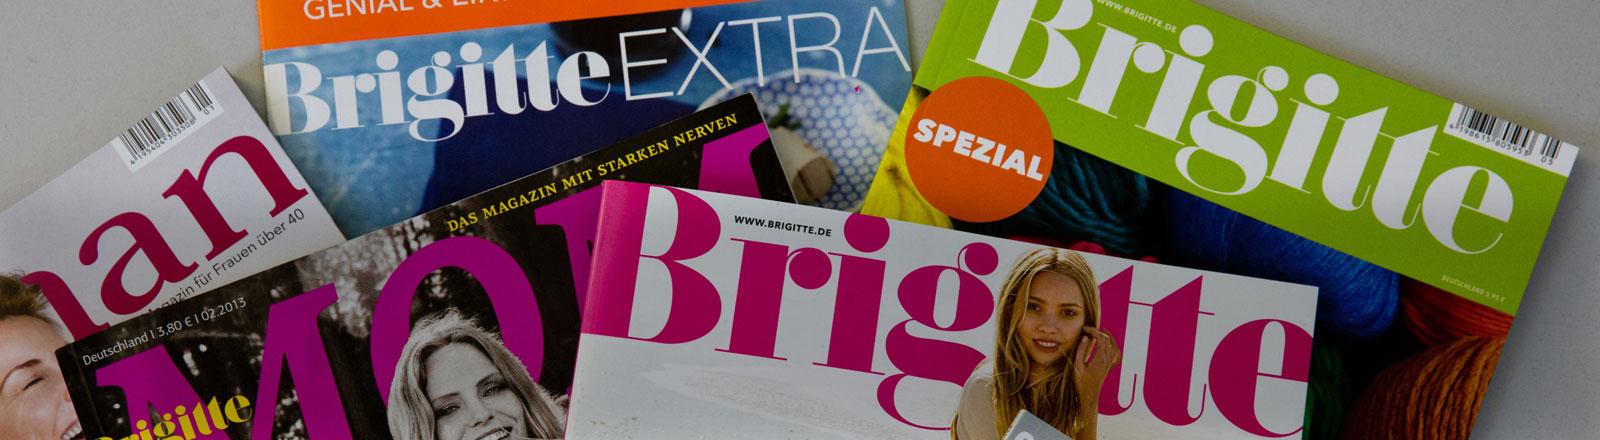 """Verschiedenen Ausgaben der Frauenzeitschrift """"Brigitte"""" liegen am 07.01.2014 auf einem Schreibtisch in Hamburg."""